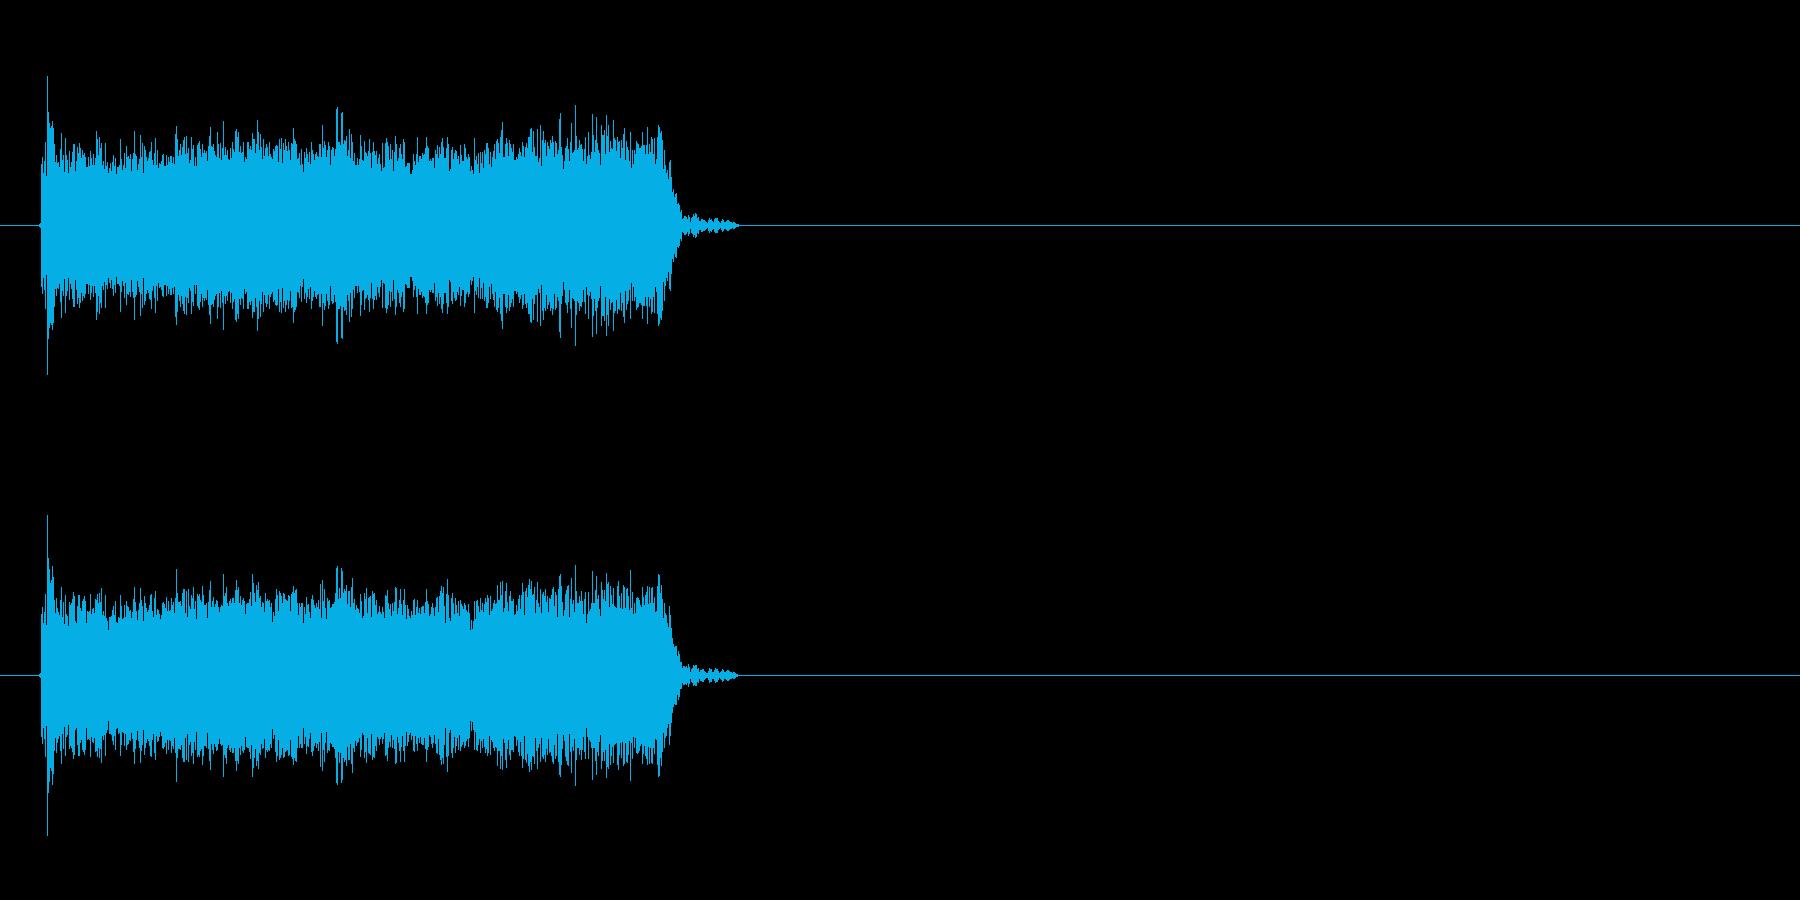 ロック曲等に使えるエレキギター効果音3の再生済みの波形